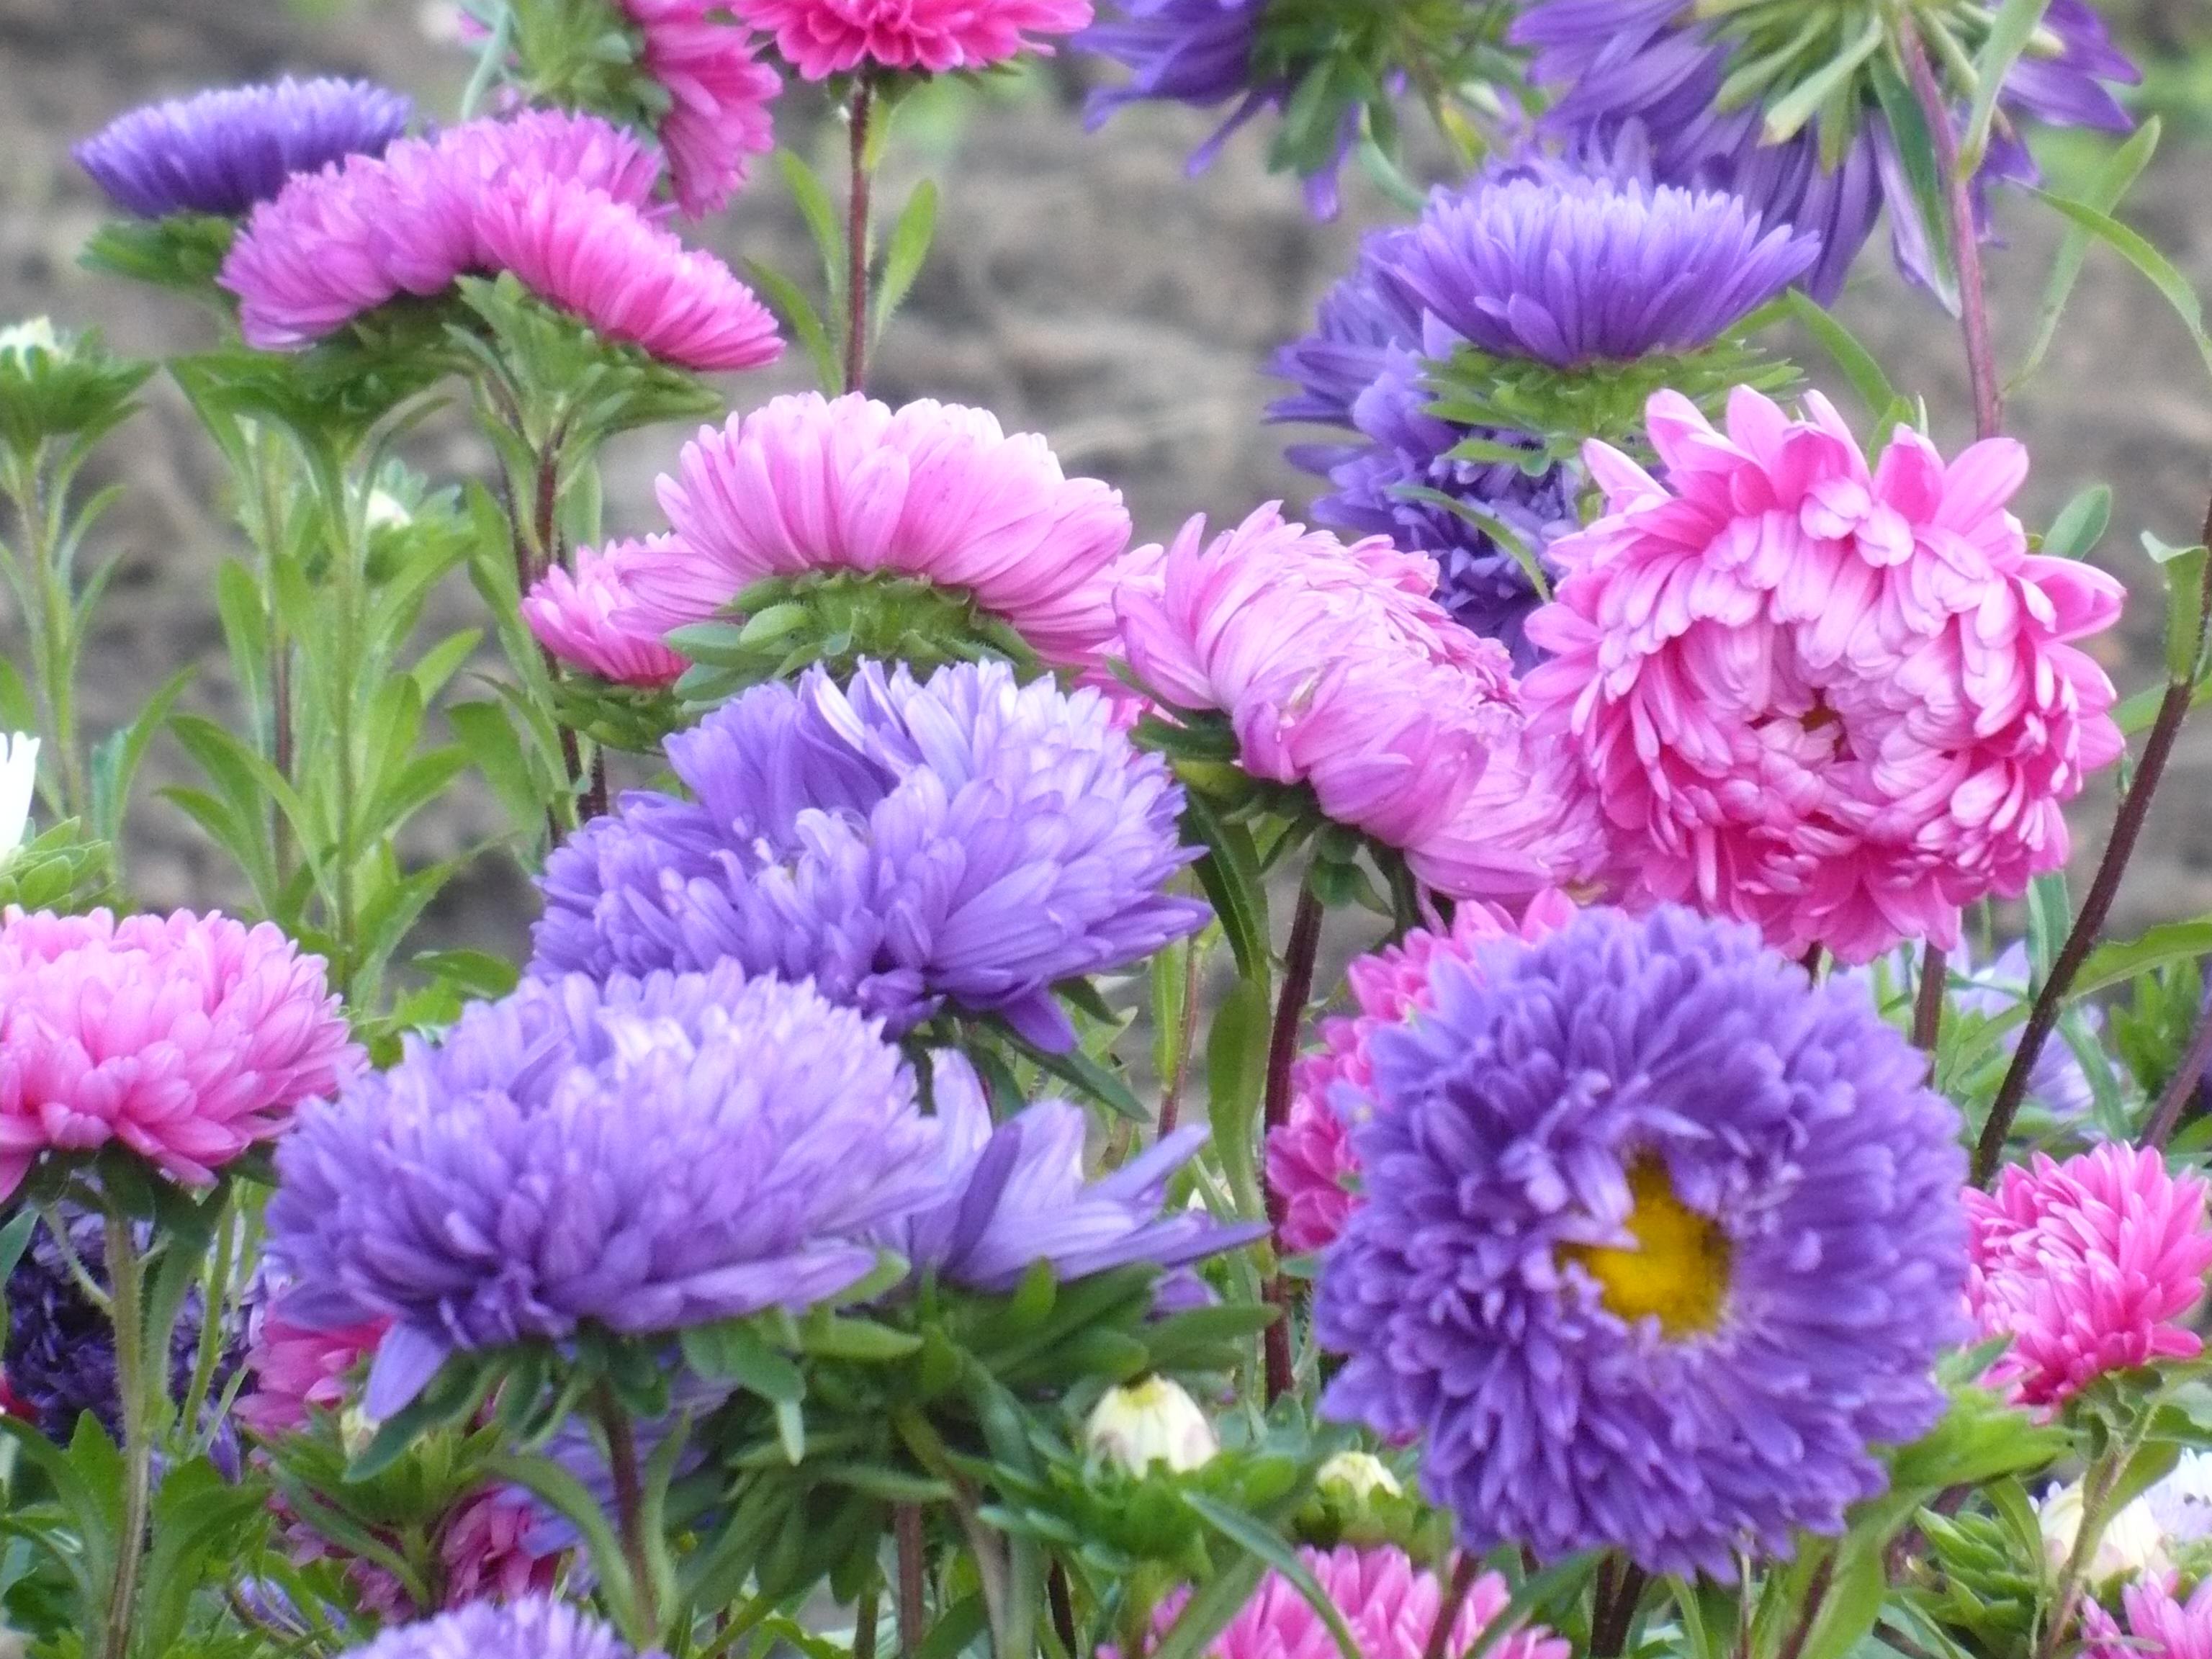 Садовые однолетние цветы — популярные сорта